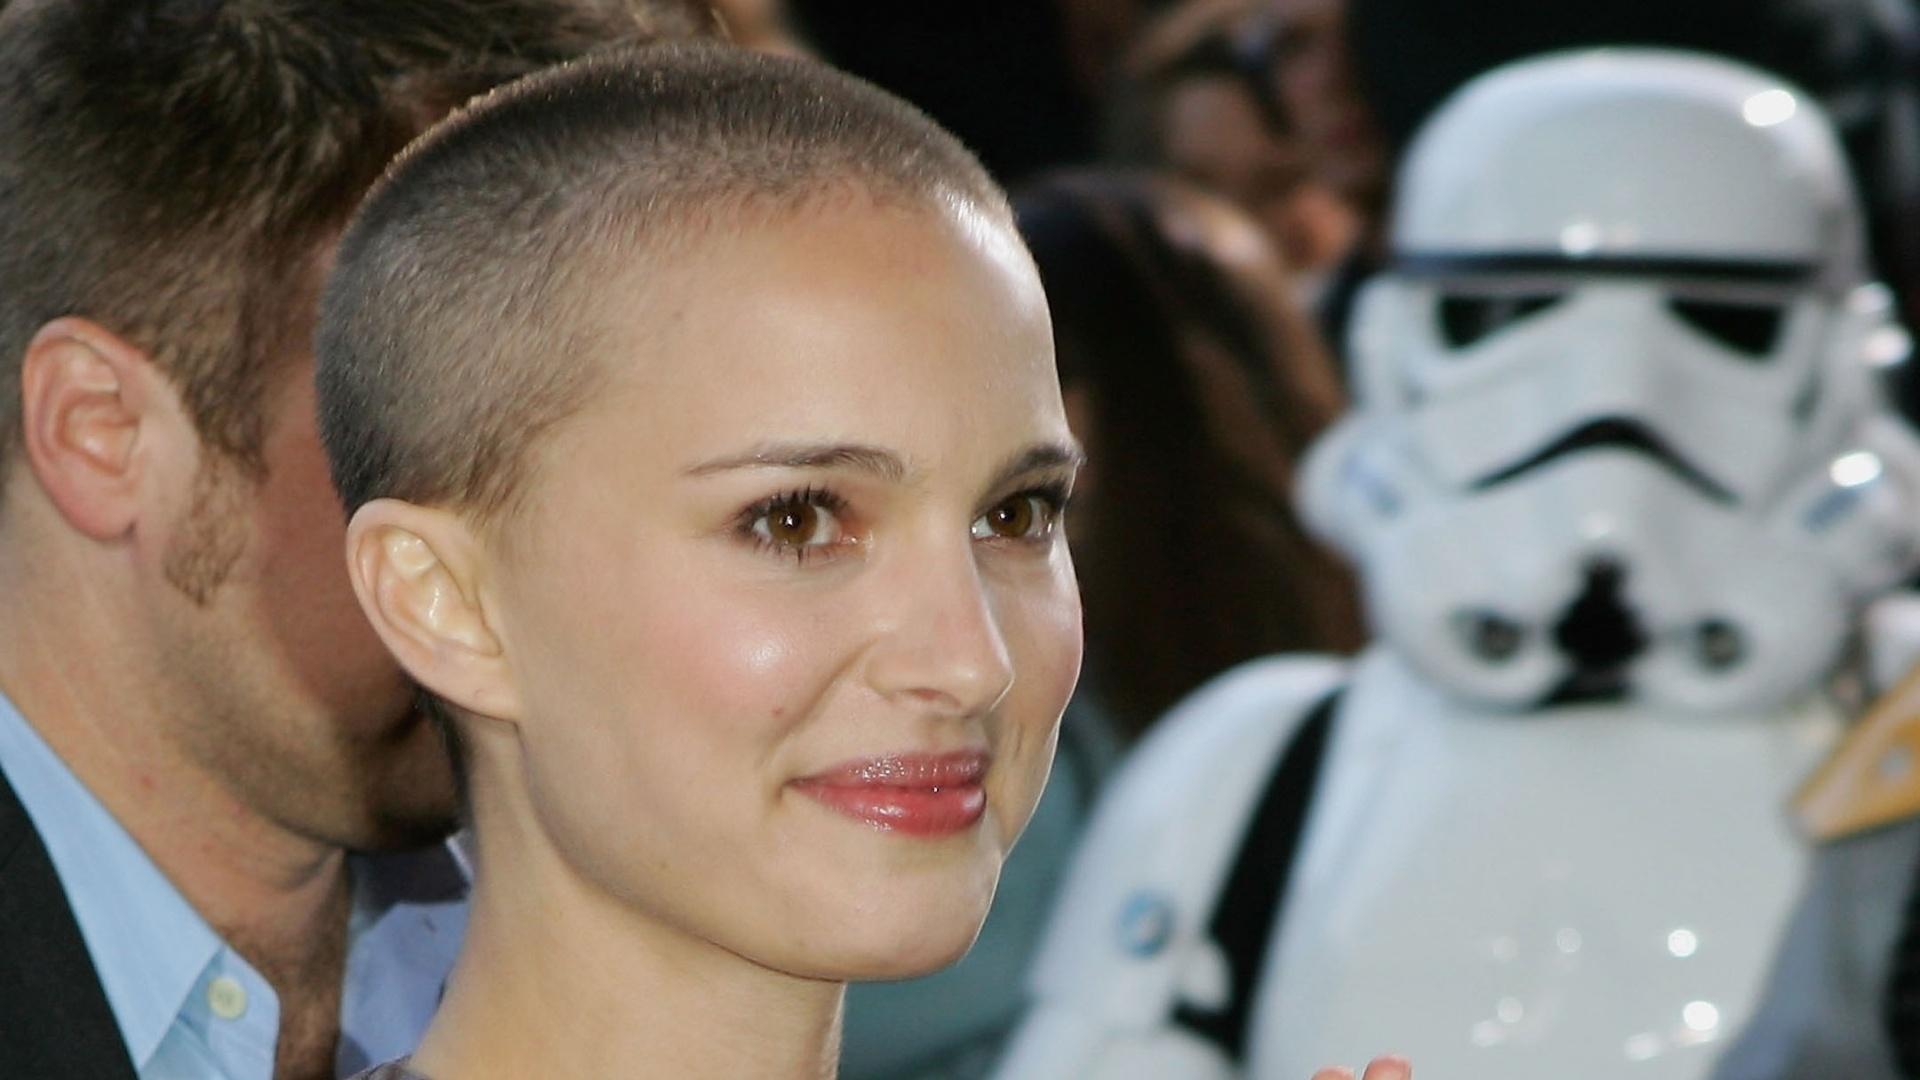 Natalie Portman raspou os cabelos para o filme